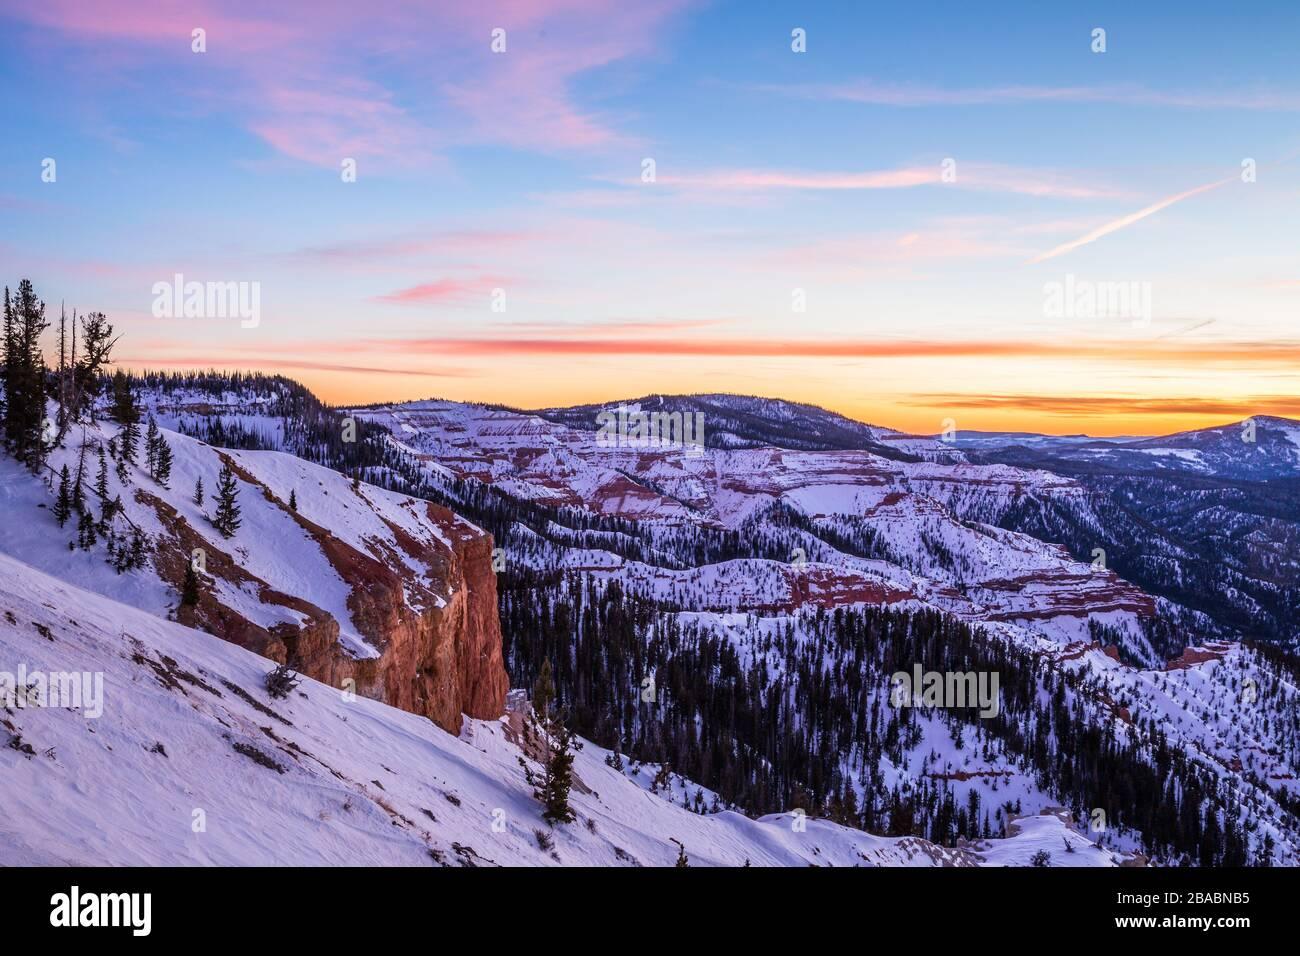 Nubes de color rosa y naranja en la puesta de sol. Abajo, las rocas anaranjadas y rojas cubiertas de nieve en la escena invernal del sur de Utah. Foto de stock